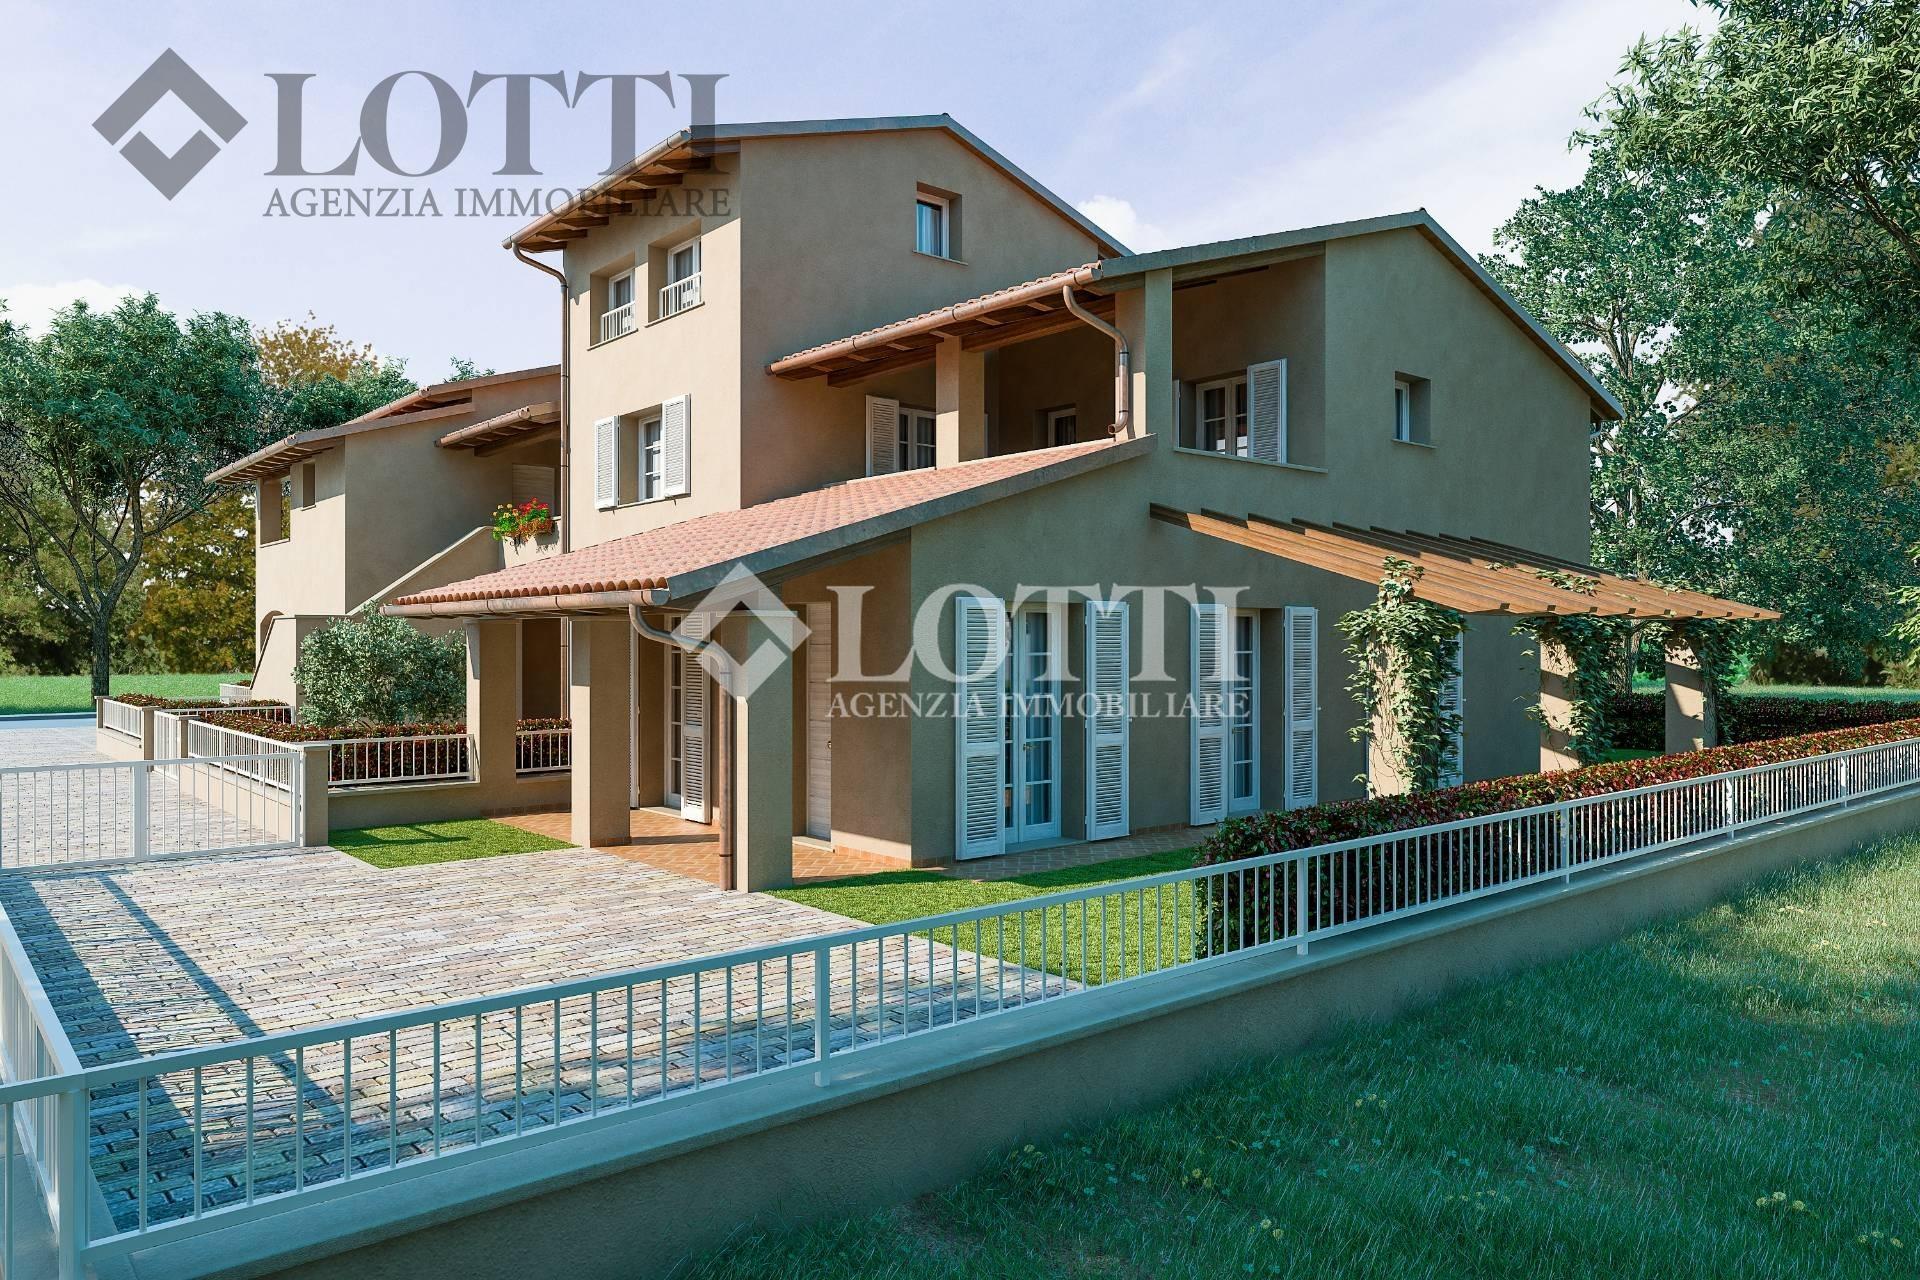 Appartamento in vendita, rif. 243-C